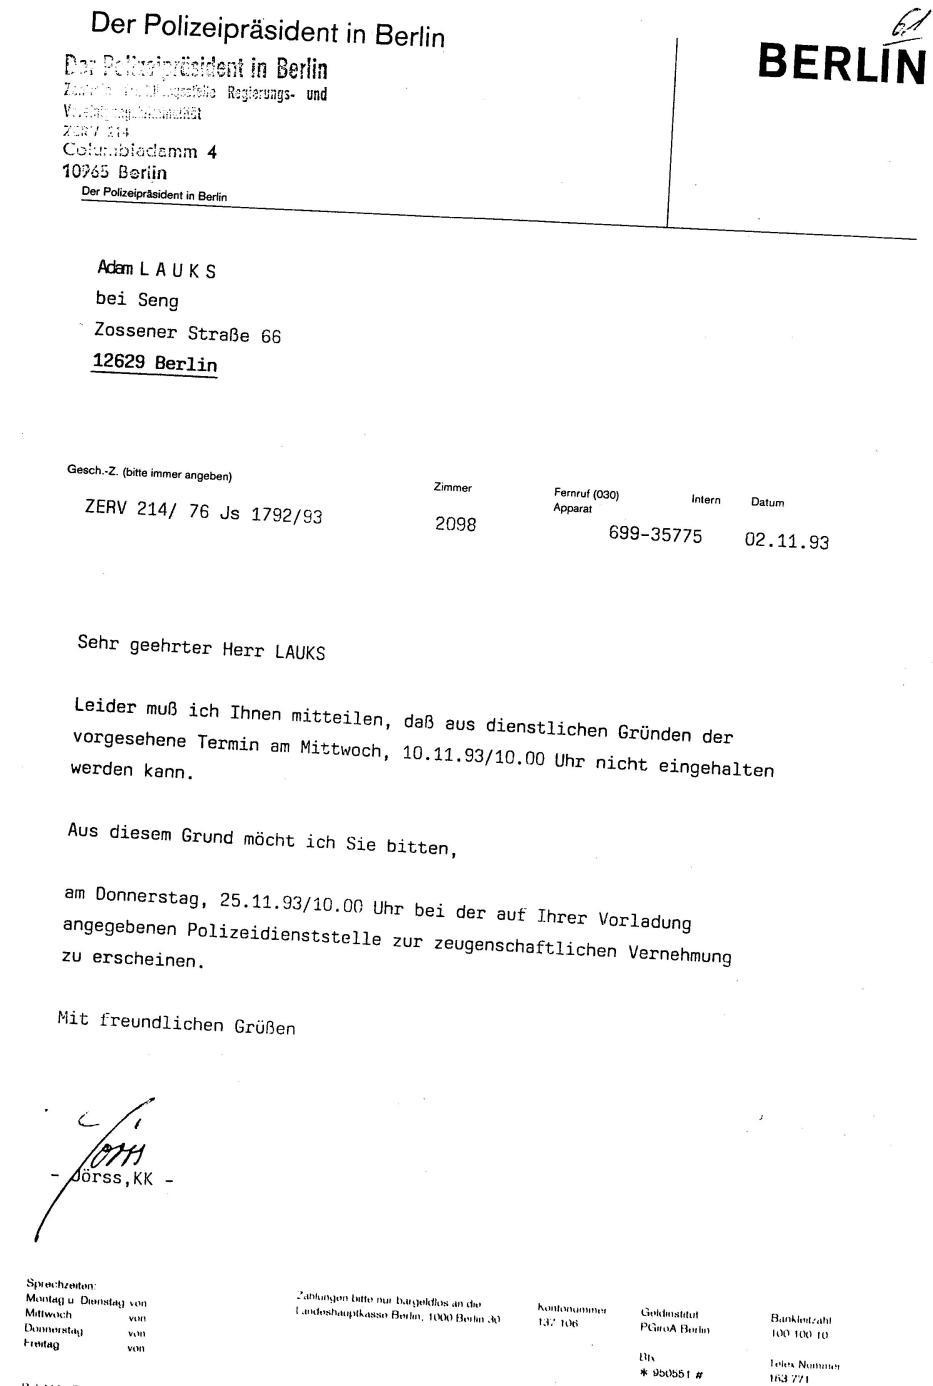 30 Js 1792 93 Ermittlungsverfahren der Staatsanwaltschaft II Bln 013